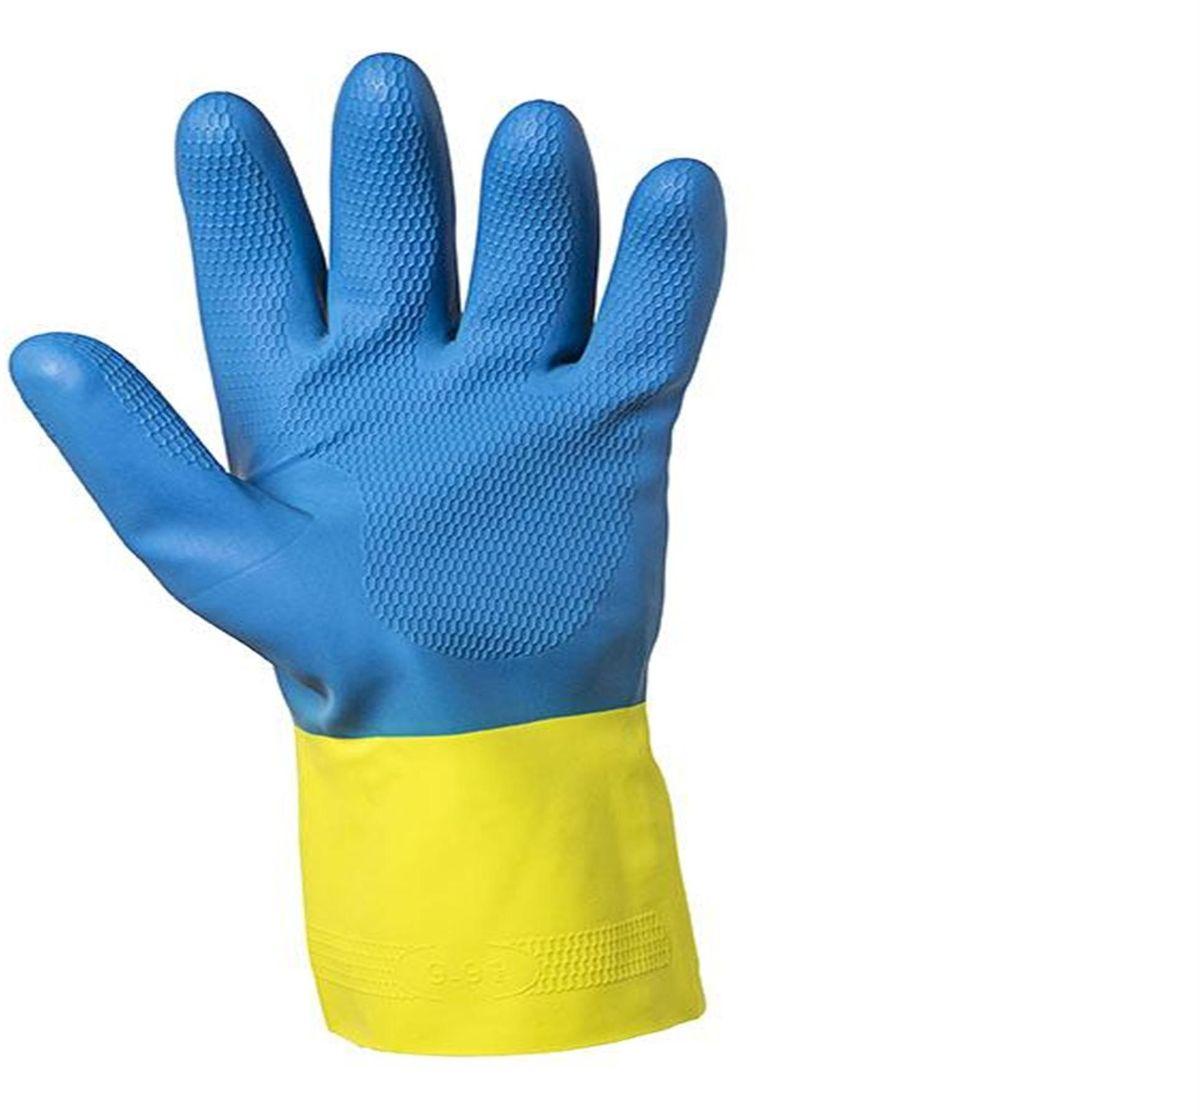 Перчатки хозяйственные Jackson Safety G80, размер 7 (S), цвет: желтый, голубой, 60 пар38741Защитные перчатки JACKSON SAFETY® G80 латекс/неопрен для защиты от химических веществ подходят для целого спектра областей применения: обеспечивают надежную защиту от воздействия химических веществ. Относятся к СИЗ категории III (CE Complex), а также обеспечивают защиту от механического воздействия в тех областях, где работают с химическими веществами, маслами, густыми смазками, кислотами, каустическими средствами или растворителями. Разрешен контакт с пищевыми продуктами. Поставляются в виде пары перчаток с индивидуальным дизайном для левой и правой руки; толщина 0,70 мм; имеют неопреновое покрытие поверх латекса для обеспечения максимальной защиты, а также для улучшения гибкости материала. Удлиненные манжеты, текстурированный материал в области ладони обеспечивает отличный захват при работе сухими/влажными поверхностями; хлопковое напыление на внутренней стороне перчатки обеспечивает легкость при надевании/снятии перчатки, а также комфорт при длительном использовании. Хлорированы для снижения воздействия латексных протеинов на кожу.Размеры:38741 - S (7)38742 - M (8)38743 - L (9)38744 - XL (10)